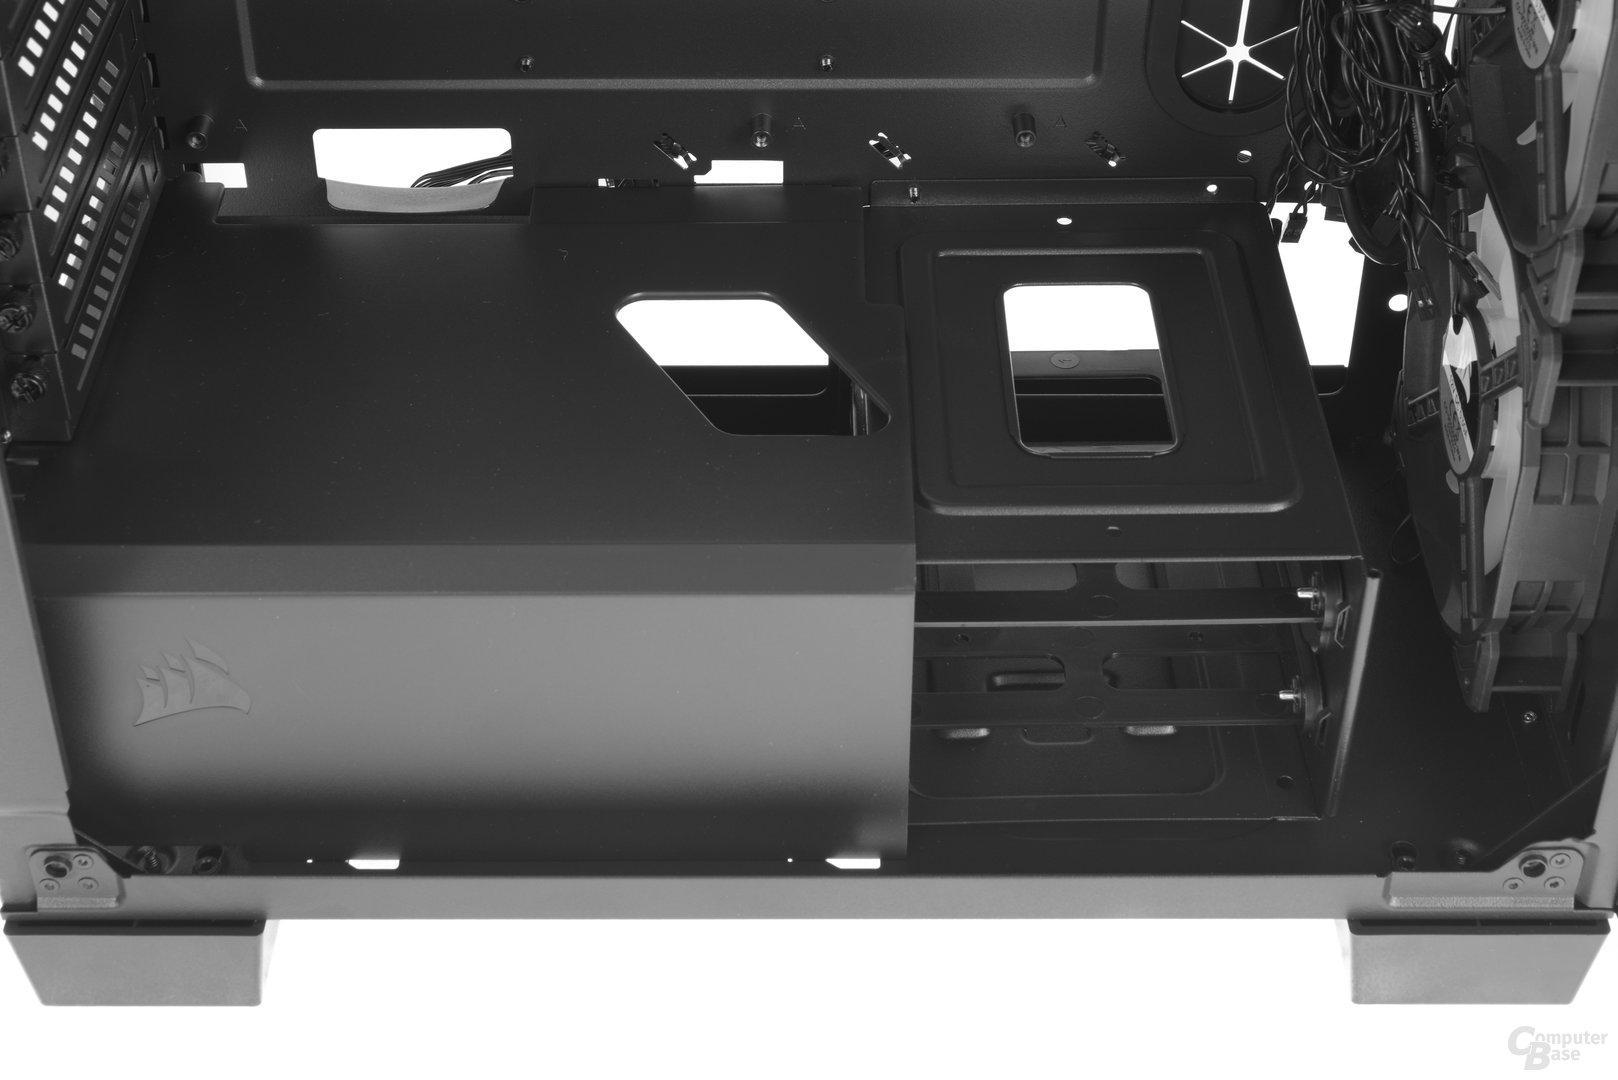 Corsair Crystal 460X RGB – Raumteiler teilentfernt